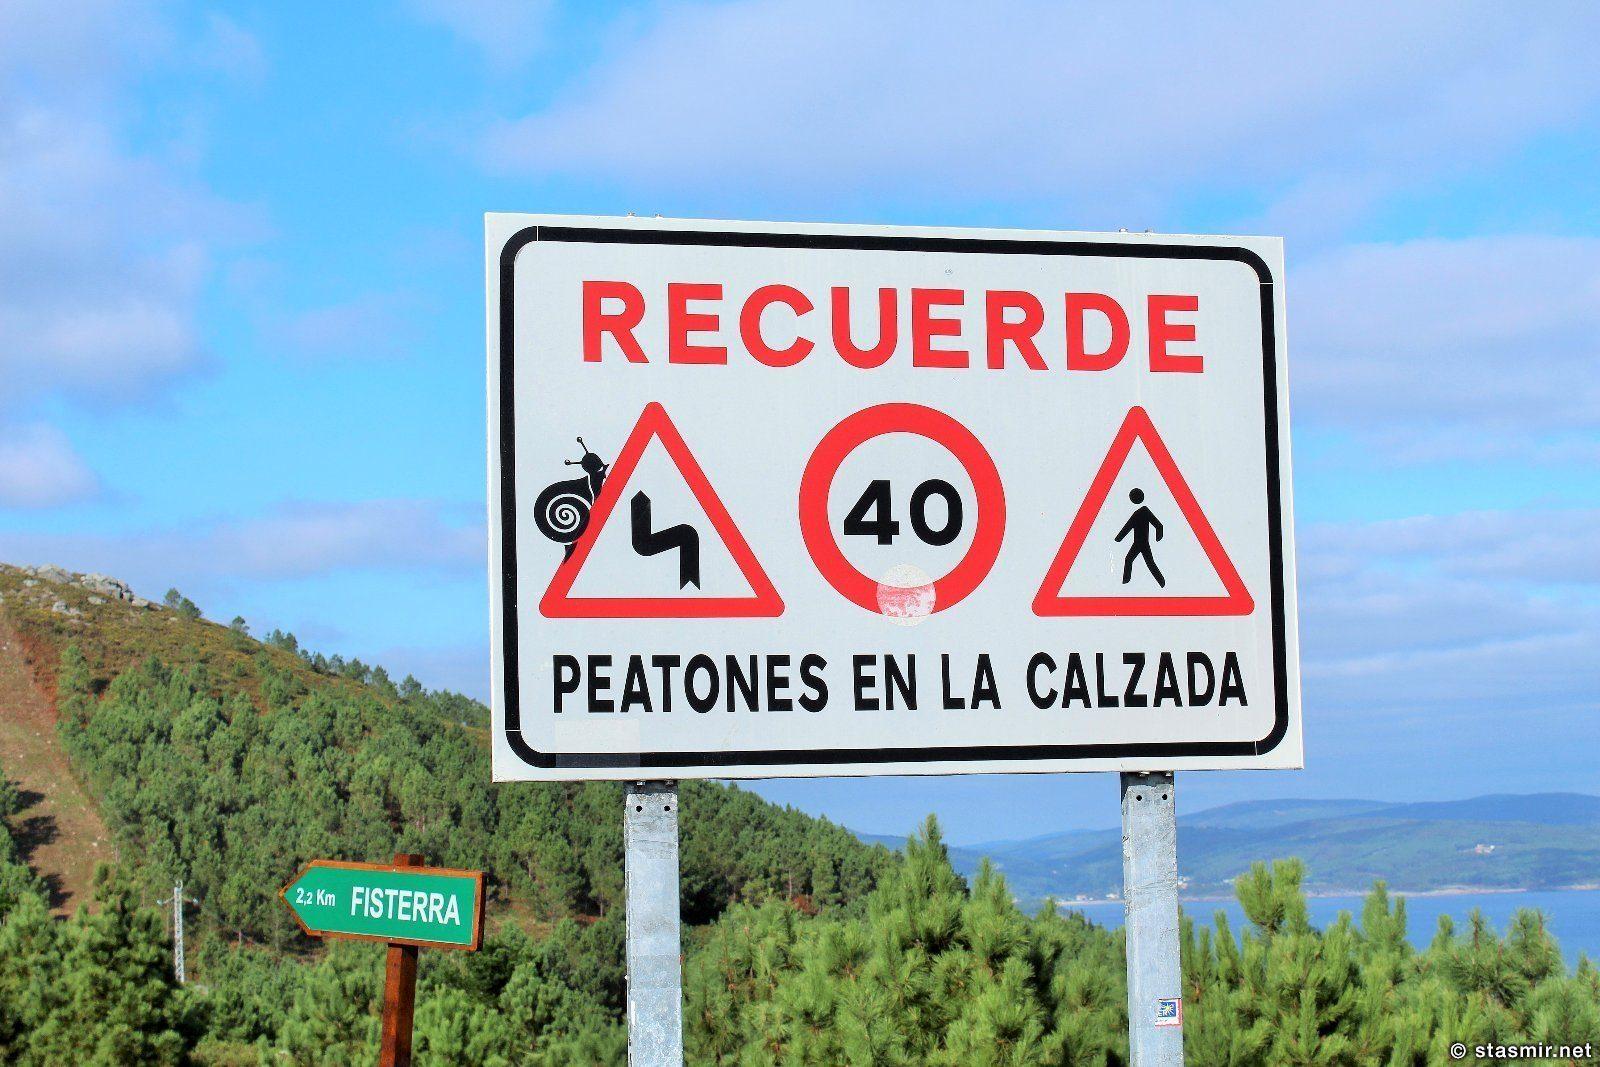 Маяк Фистерра, Сантьяго, конец света, Галиция, Фистерра, Fisterra, дорожные знаки в Испании, Сантьяго-де-Компостела, Recuerde! Peatones en la calzada! Photo Stasmir, фото Стасмир